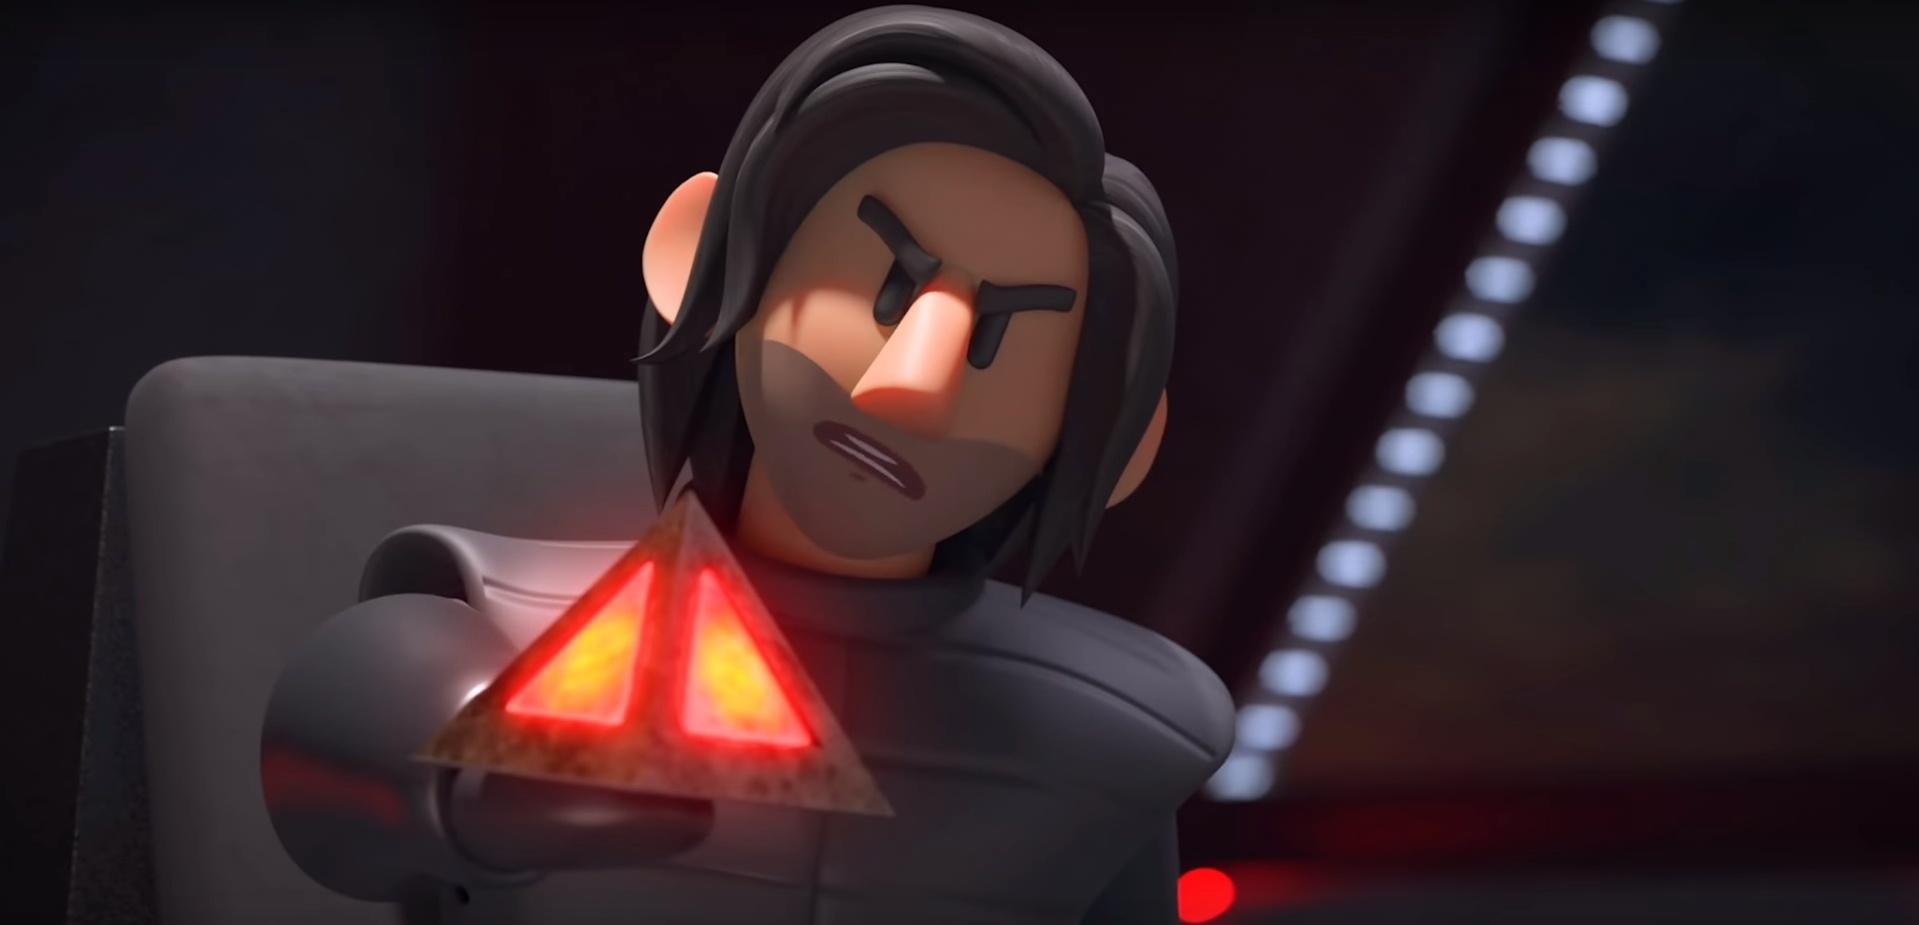 Появился анимированный пересказ первого сценария9 эпизода «Звёздных войн»